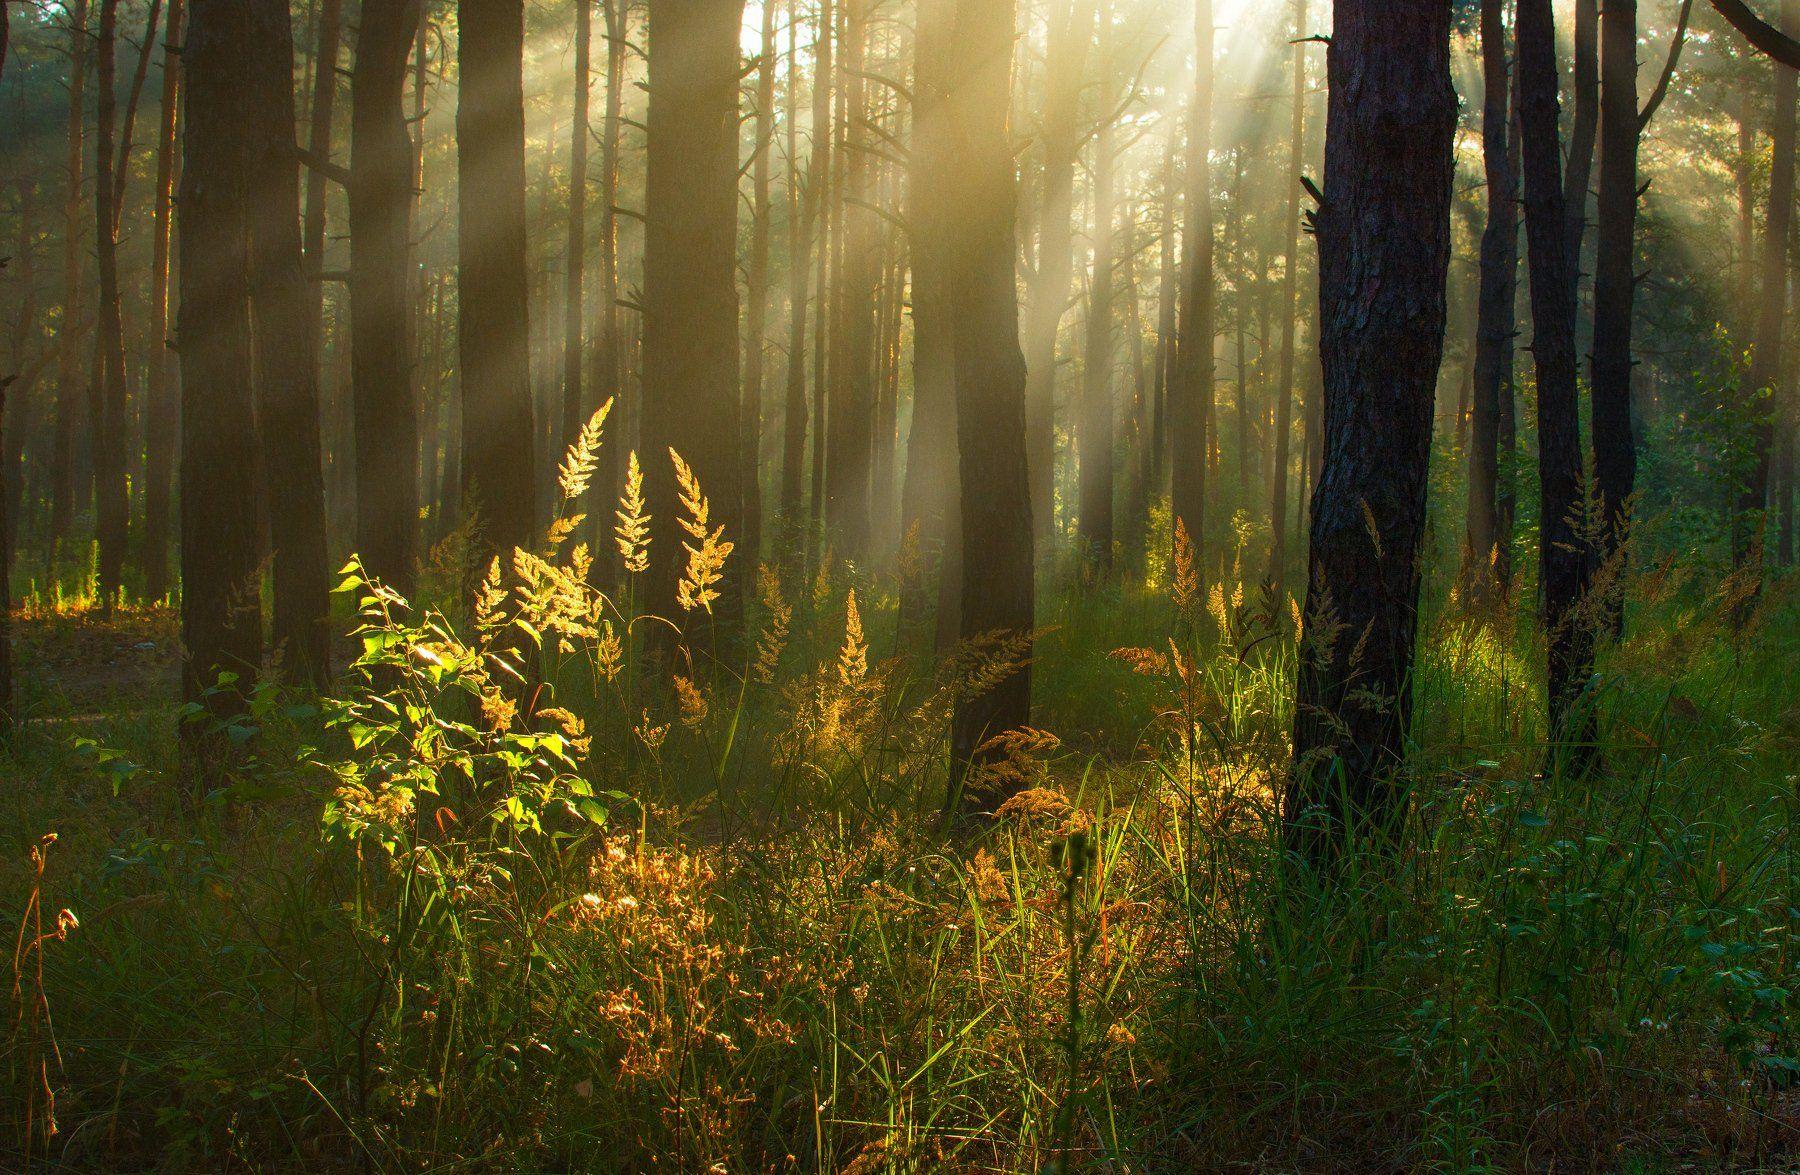 landscape, пейзаж, утро, лес, сосны, деревья, солнечный свет, солнечные лучи, солнце, природа,, Михаил MSH